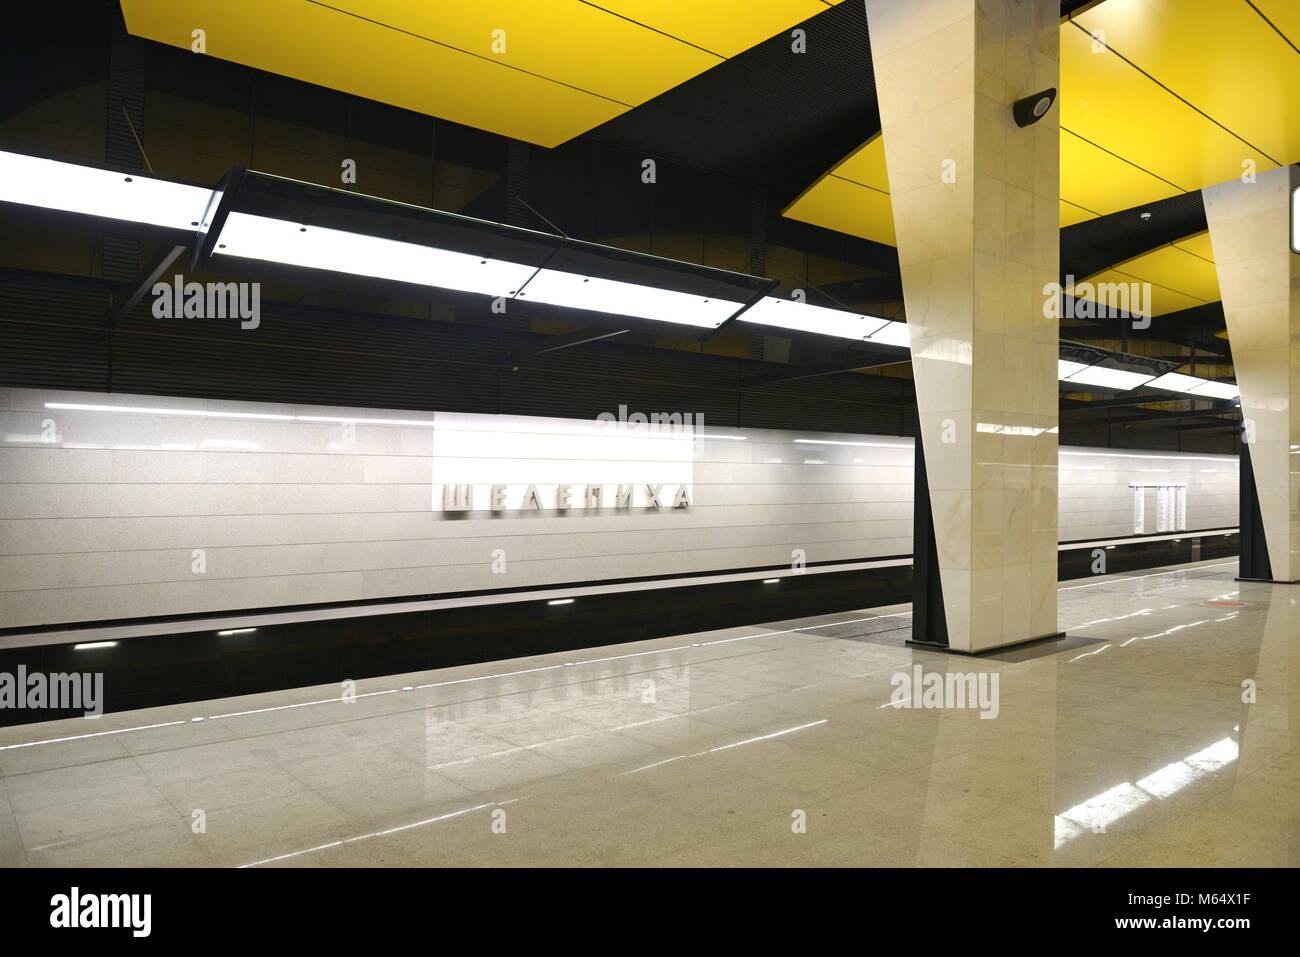 Shelepikha, stazione su Bolshaya Koltsevaya la linea della metropolitana di Mosca. Ha aperto il 26 febbraio 2018 Immagini Stock